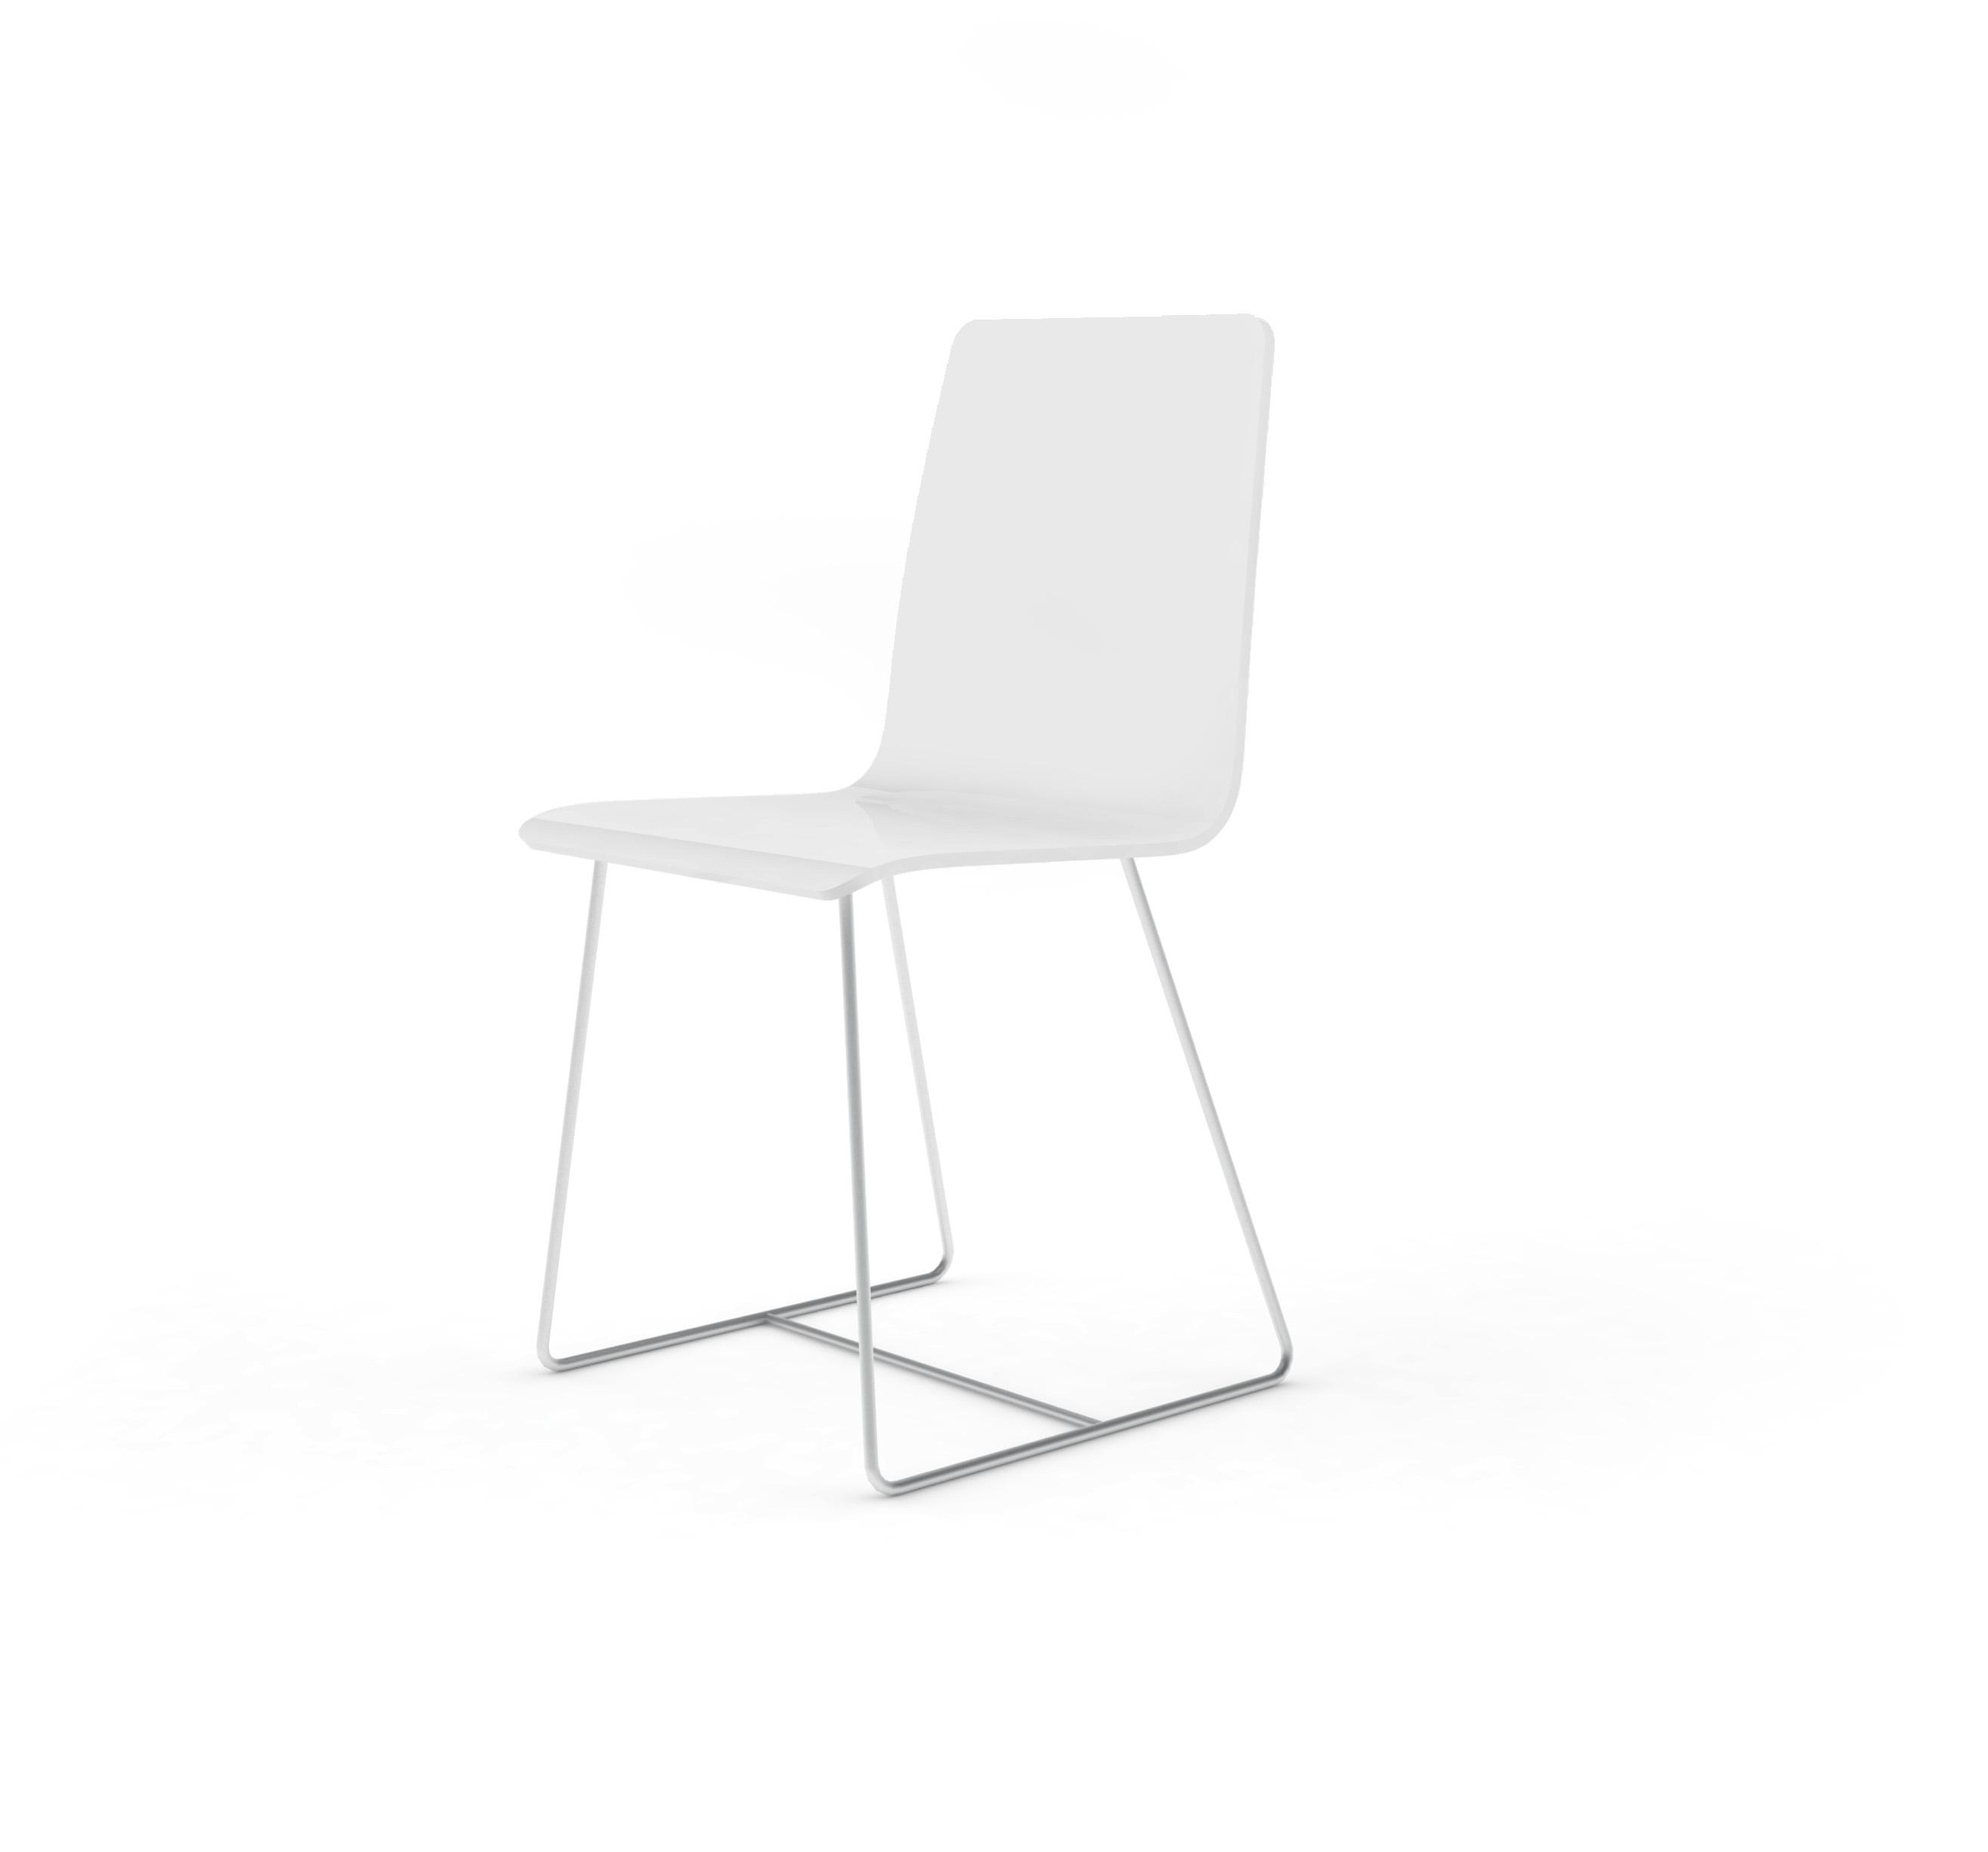 chaise-blanche-extérieur-pied-epoxy-blanc